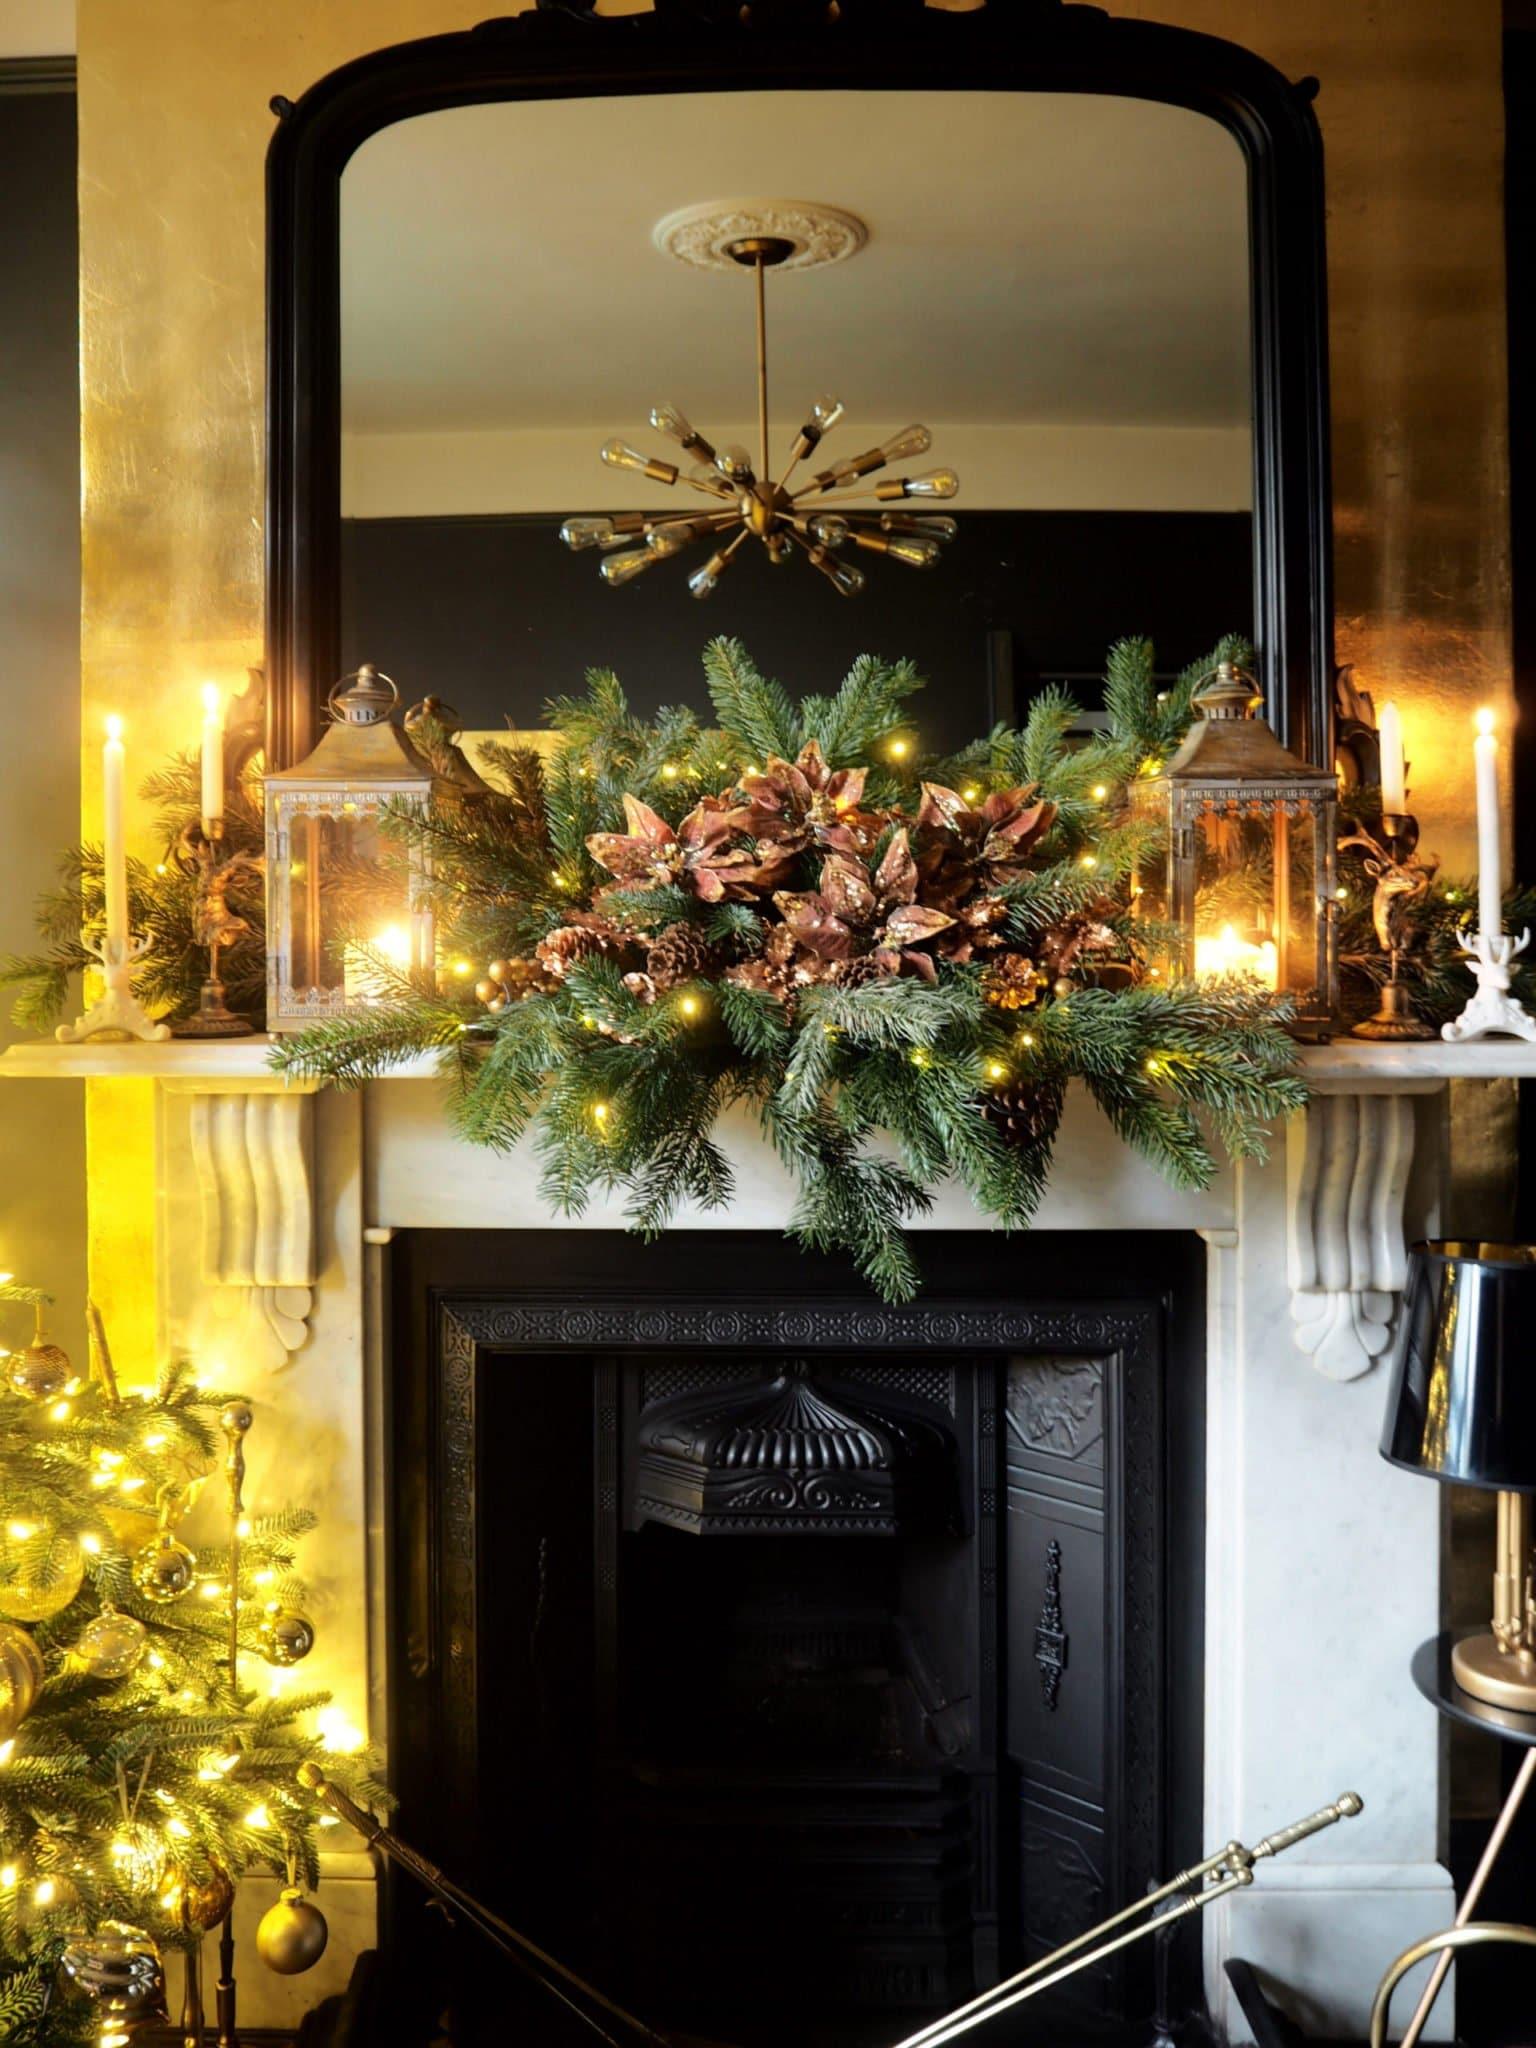 DIY Chrismas Fireplace Garland